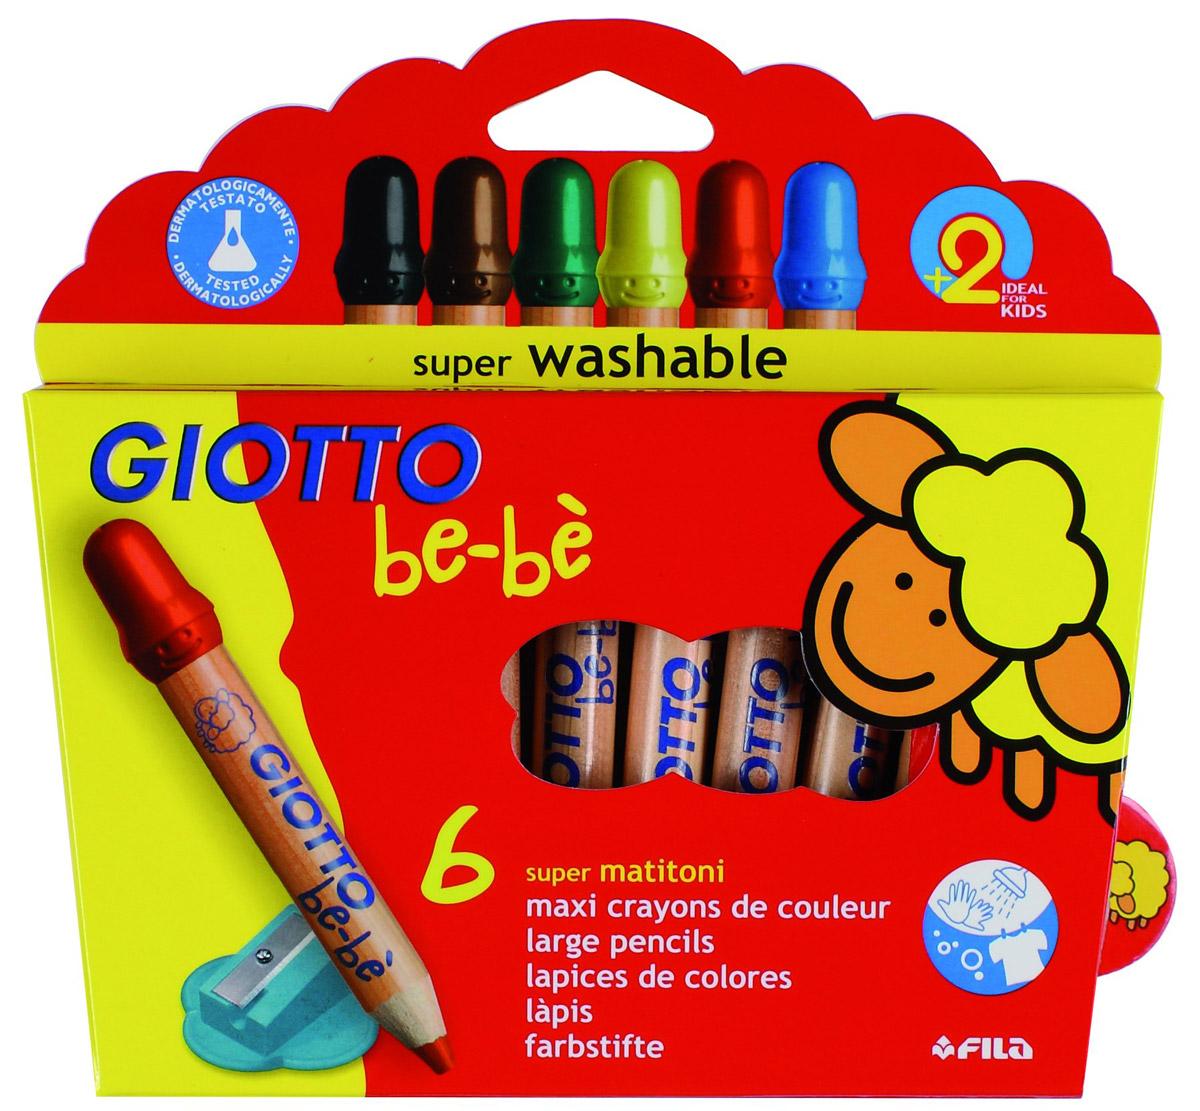 Giotto Набор цветных карандашей Bebe Super Largepencils c точилкой 6 шт72523WDЦветные карандаши Glotto Bebe Super Largepencils непременно, понравятся вашему юному художнику. Набор включает в себя 6 ярких насыщенных цветных карандаша утолщенной формы. Каждый карандаш имеет защитный колпачок. Идеально подходят для детских садов и школьников младших классов. Карандаши изготовлены из калифорнийского кедра, экологически чистые. Имеют прочный неломающийся грифель, не требующий сильного нажатия и легко затачиваются. Без труда стираются и отстирываются. Порадуйте своего ребенка таким восхитительным подарком! В комплекте: 6 карандашей, точилка. Цветные карандаши Glotto Bebe Super Largepencils непременно, понравятся вашему юному художнику. Набор включает в себя 6 ярких насыщенных цветных карандаша утолщенной формы. Каждый карандаш имеет защитный колпачок. Идеально подходят для детских садов и школьников младших классов. Карандаши изготовлены из калифорнийского кедра, экологически чистые. Имеют прочный неломающийся грифель, не требующий сильного нажатия и легко затачиваются. Без труда стираются и отстирываются. Порадуйте своего ребенка таким восхитительным подарком! Характеристики:Материал:дерево, грифель.